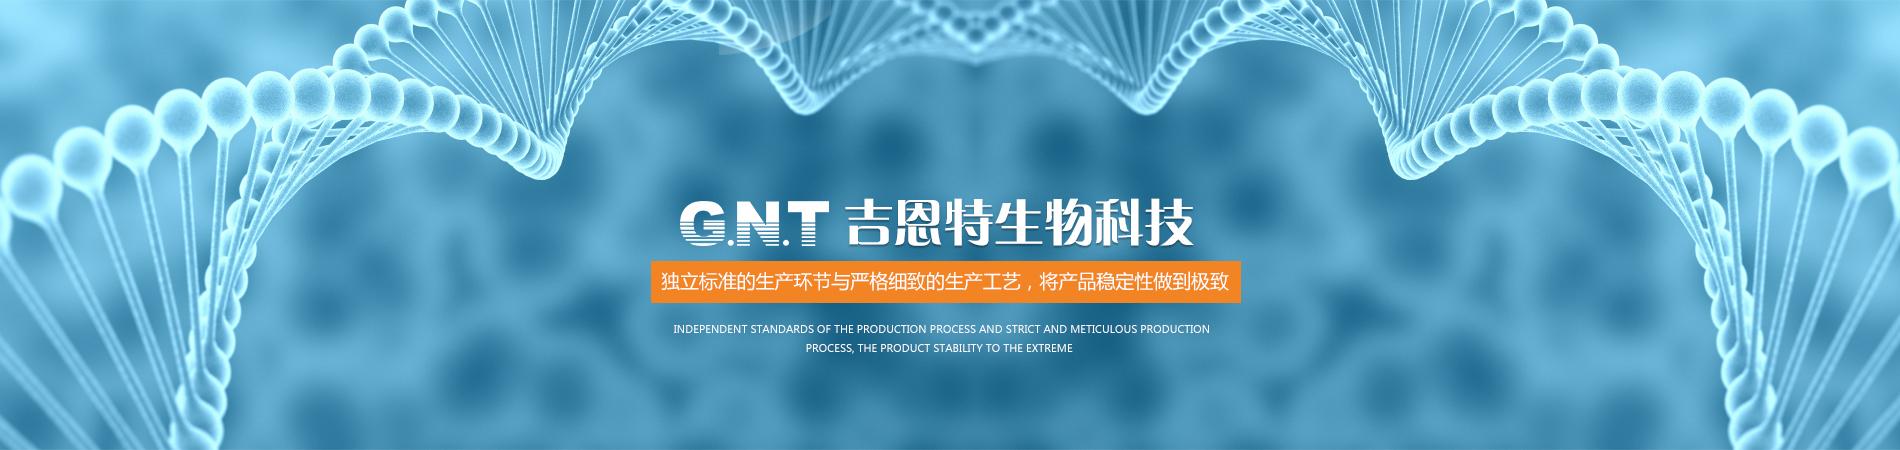 洛阳吉恩特生物科技有限公司